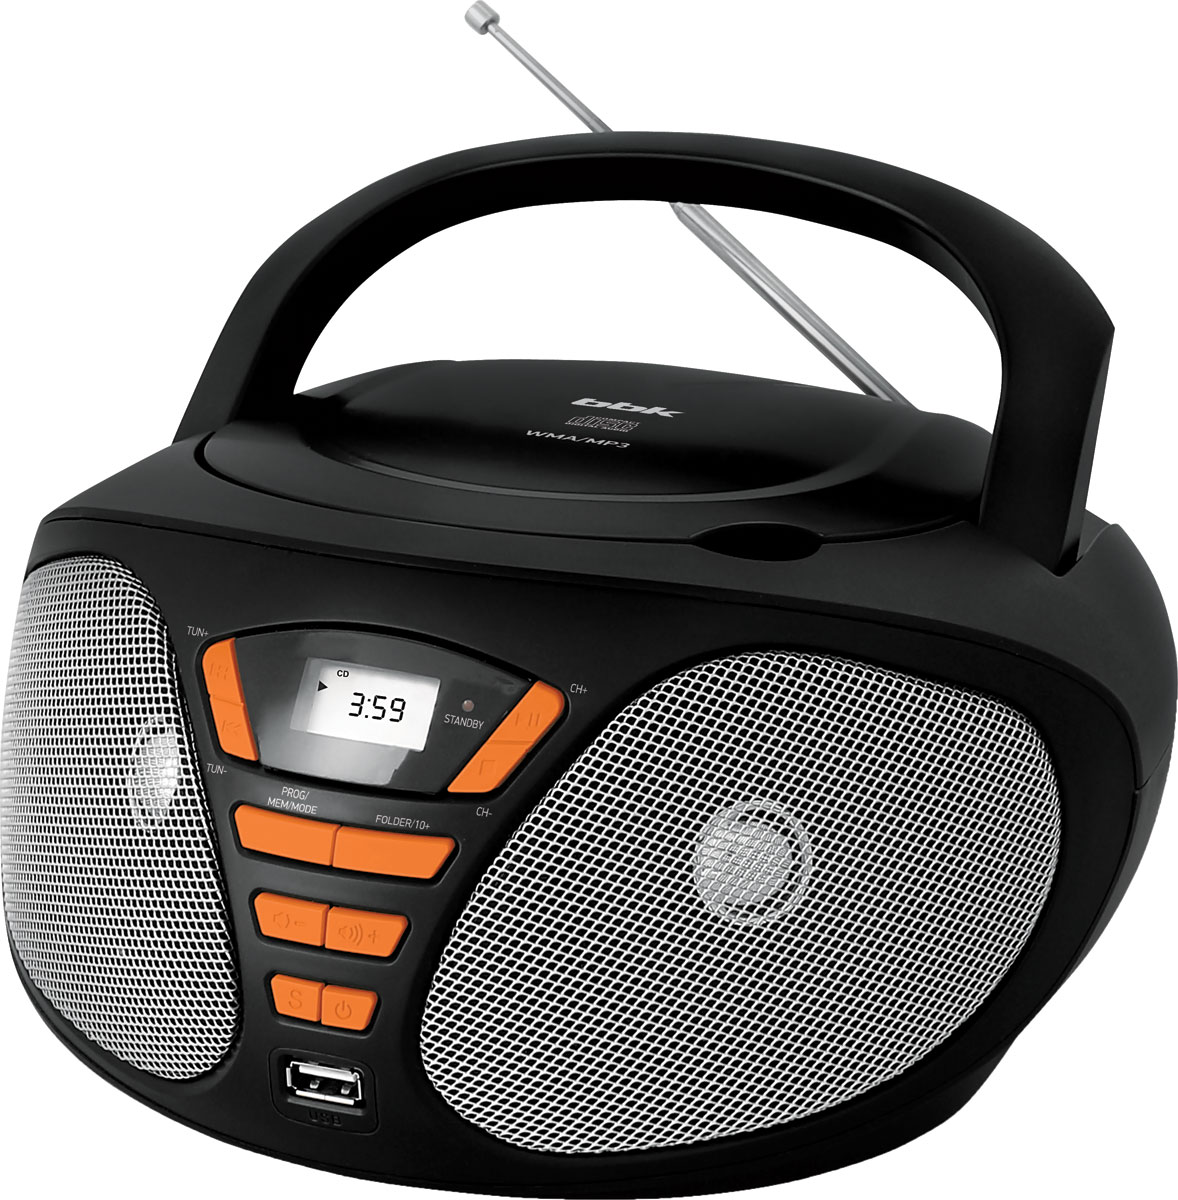 Магнитола BBK BX180U, Black Orange CD/MP3 bbk bx180u черный c оранжевым